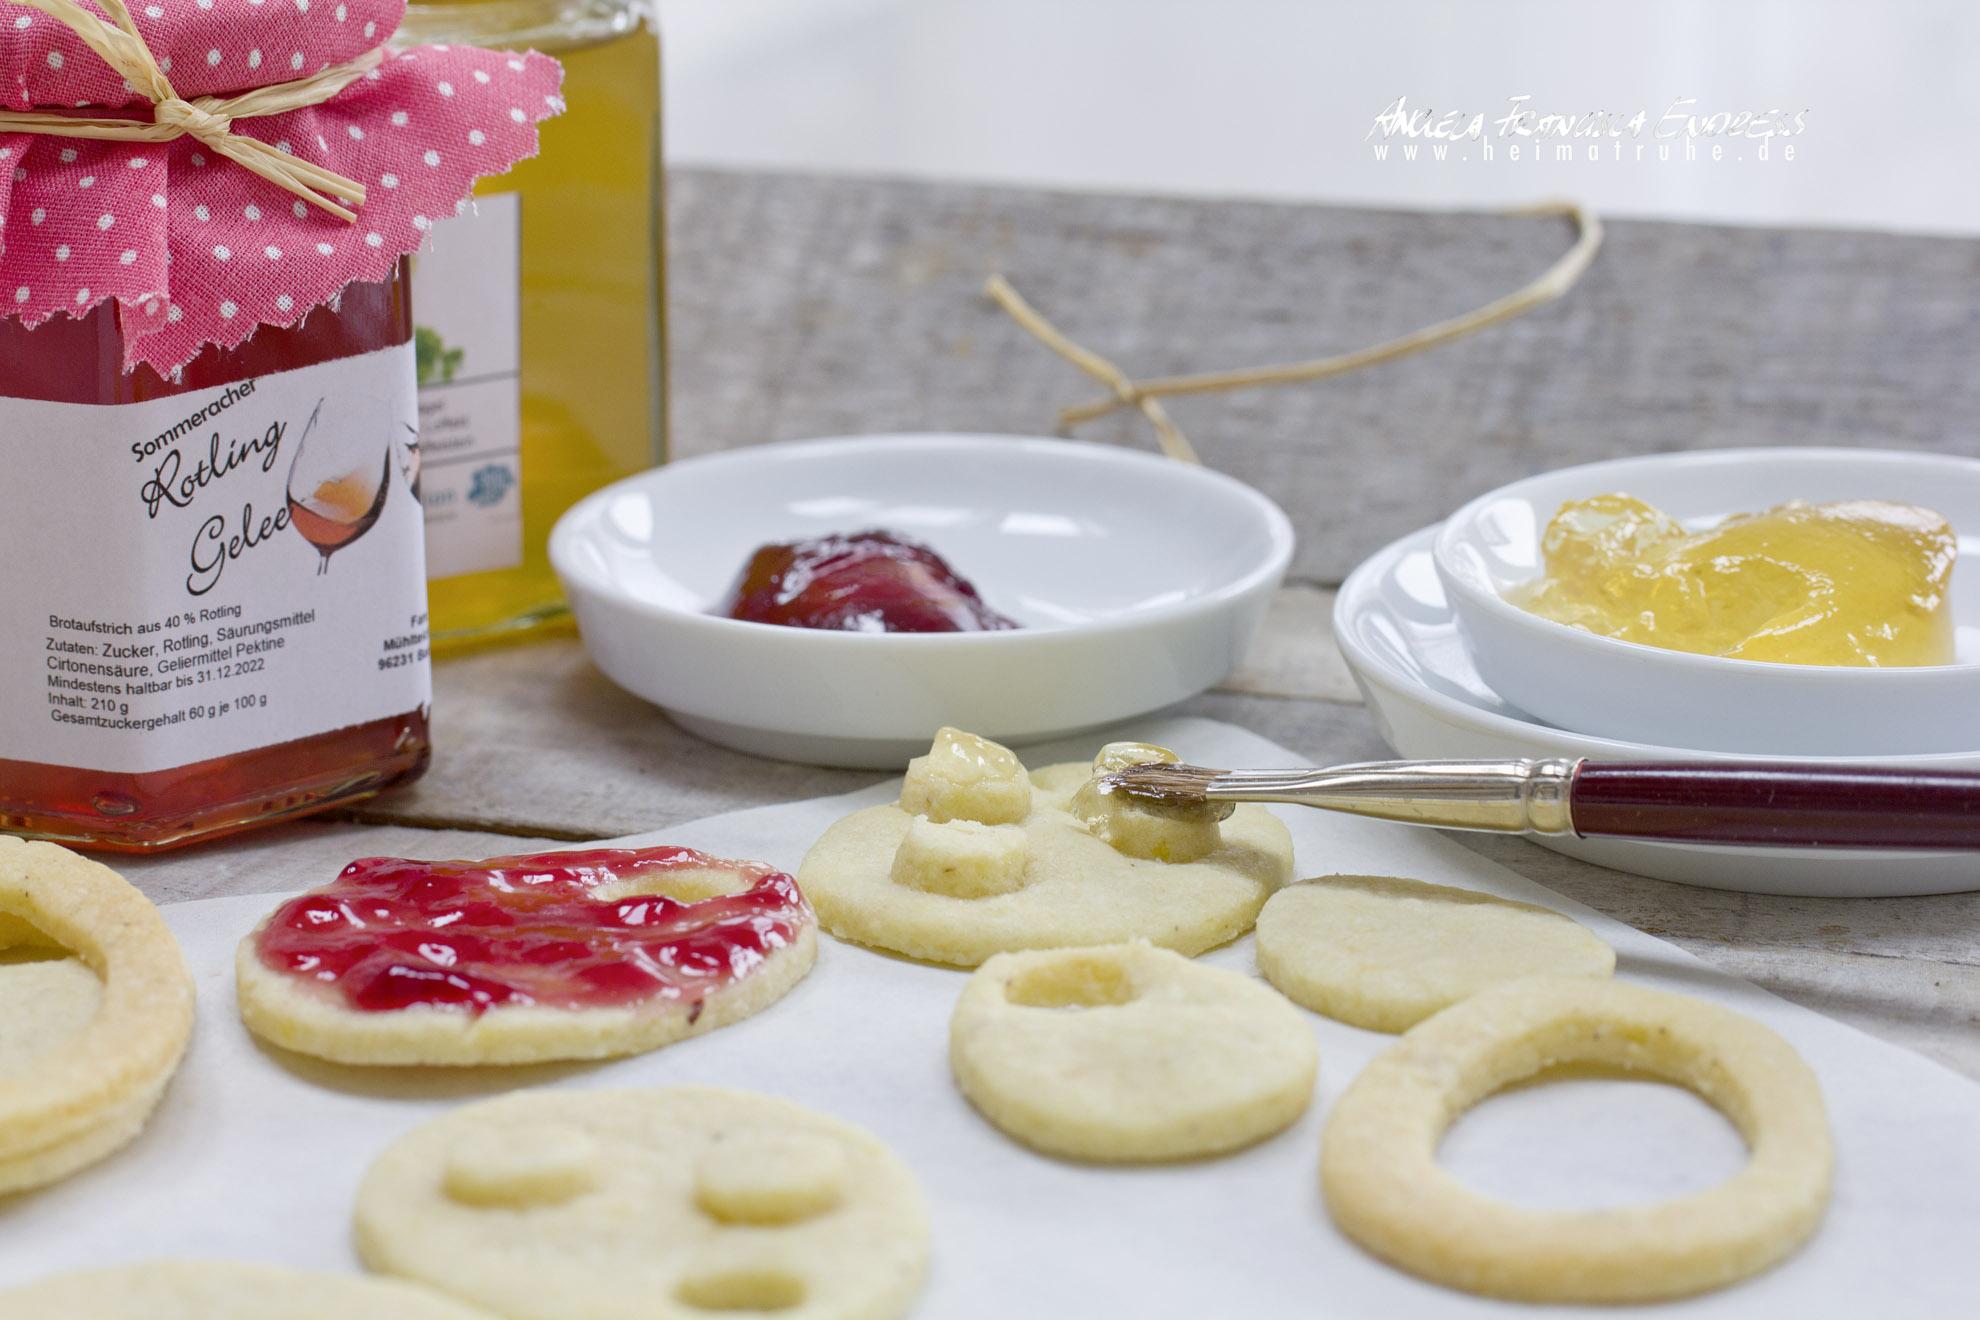 Gelée in kleinen Porzellanschälchen Pinsel malt Kekse an, Ostereier